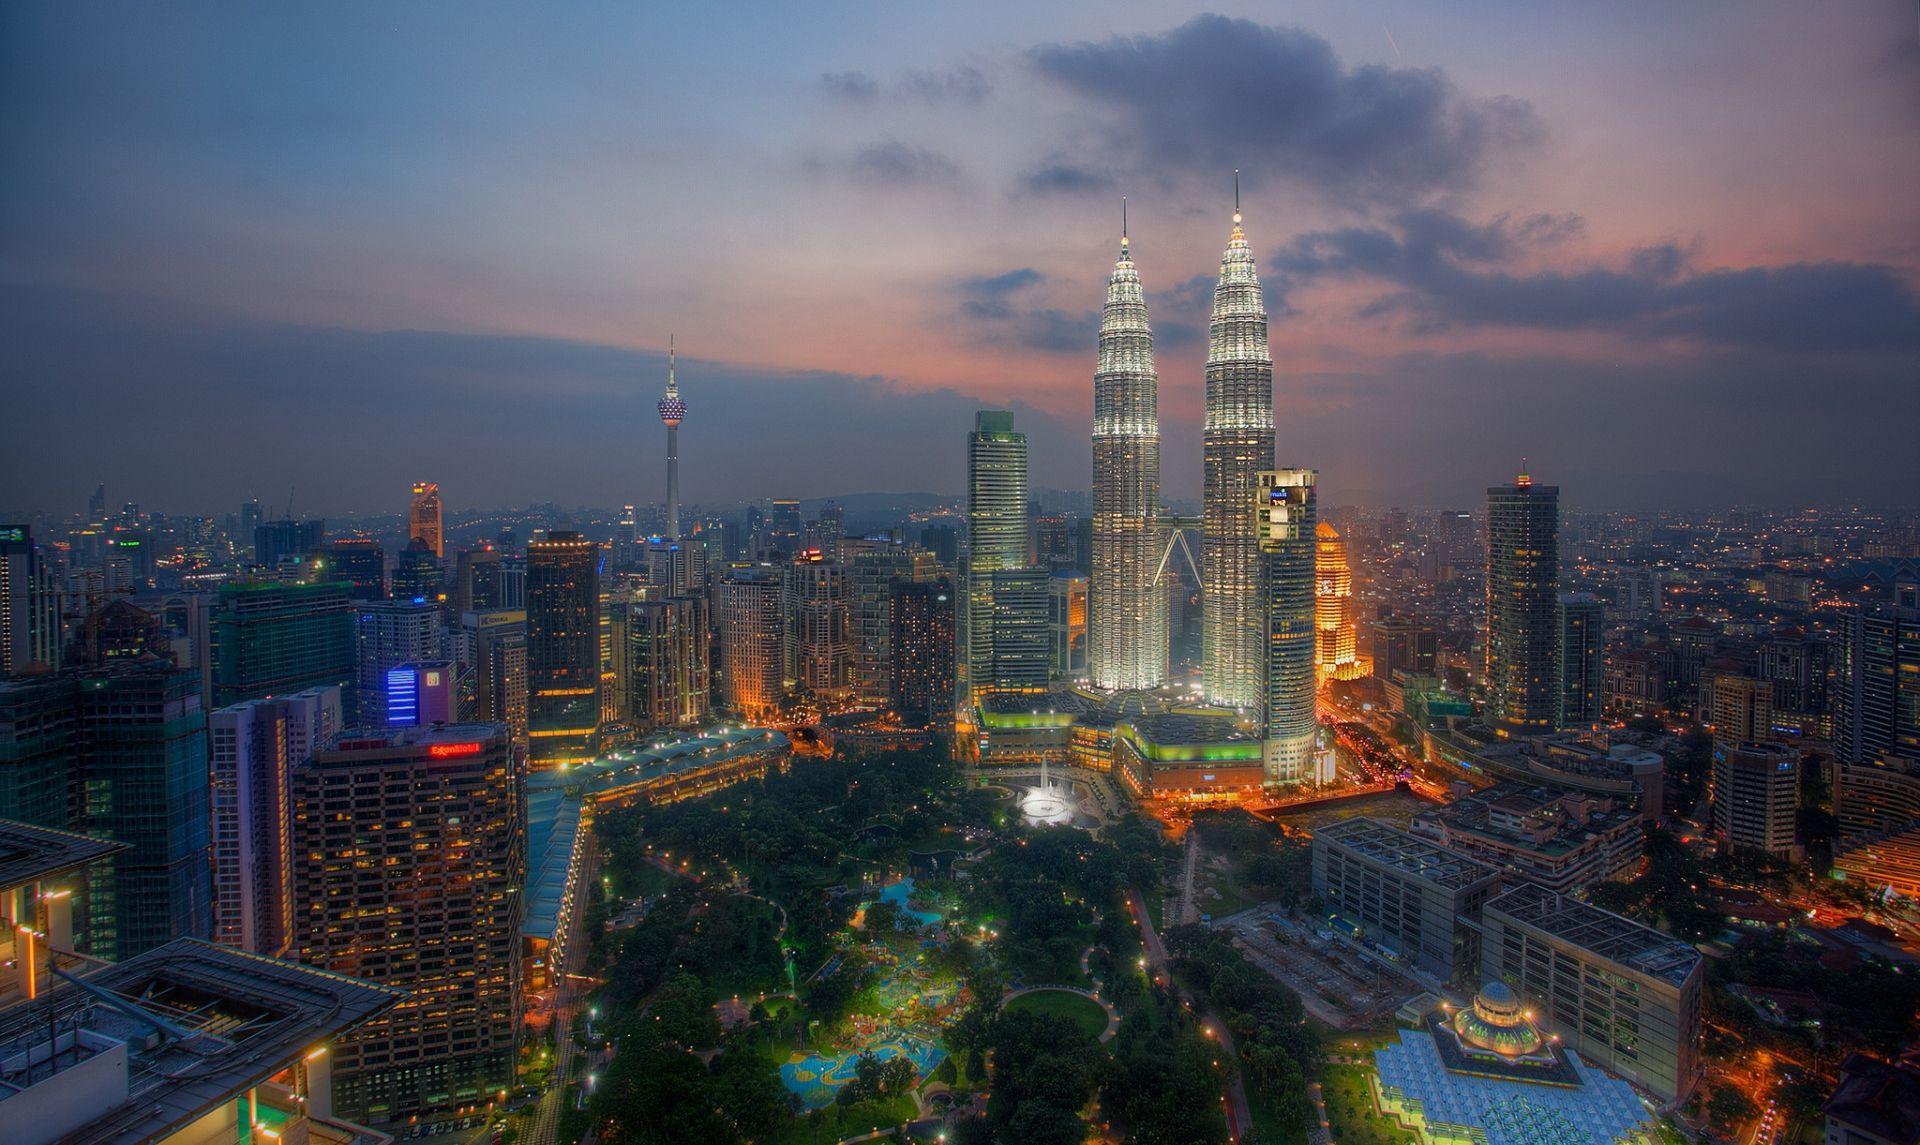 Башни близнецы в Куала-Лумпуре